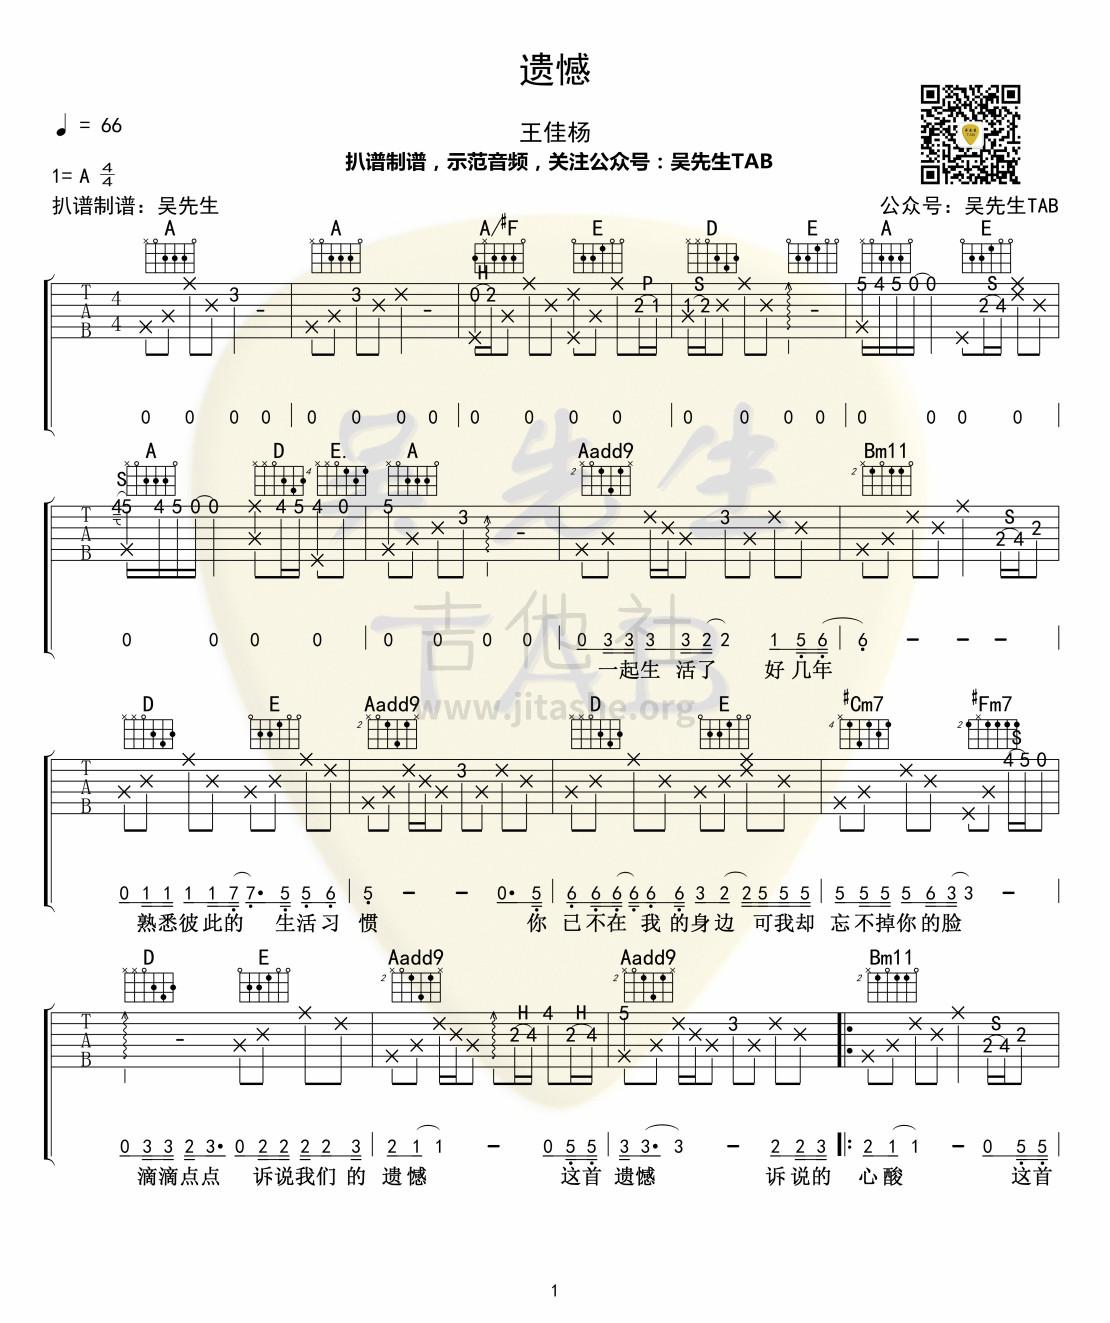 遗憾吉他谱(图片谱,弹唱)_王佳杨_遗憾(原版)01.jpg